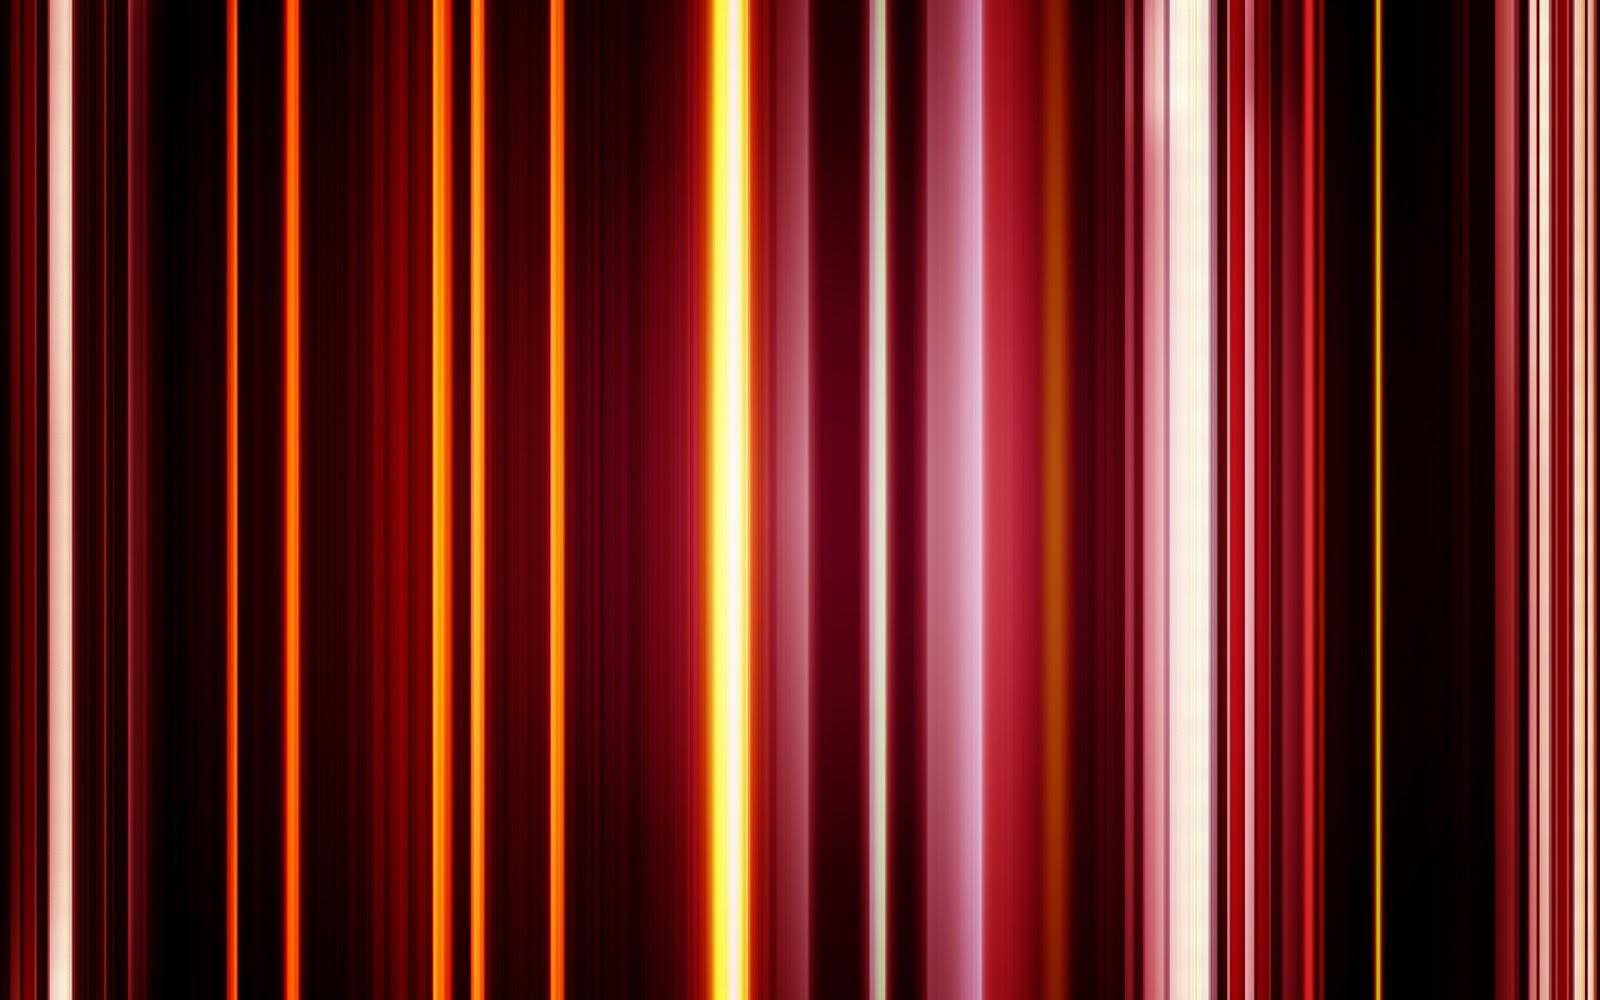 Fondo De Pantalla Abstracto Barras De Colores: Fondo De Pantalla Abstracto Barras Multicolor